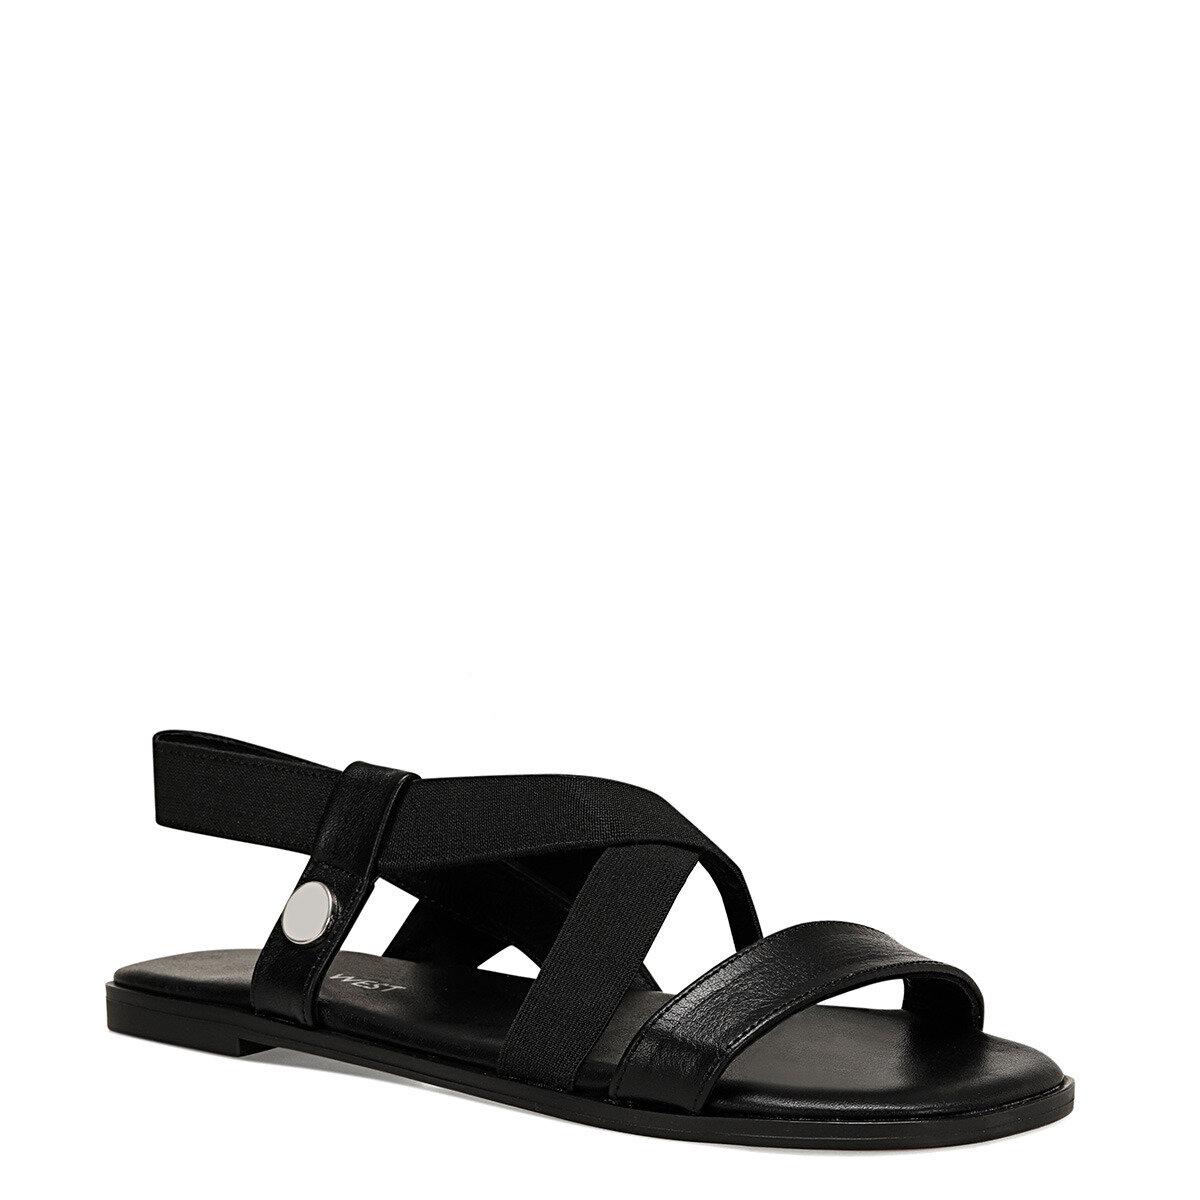 ALIZA Siyah Kadın Düz Sandalet